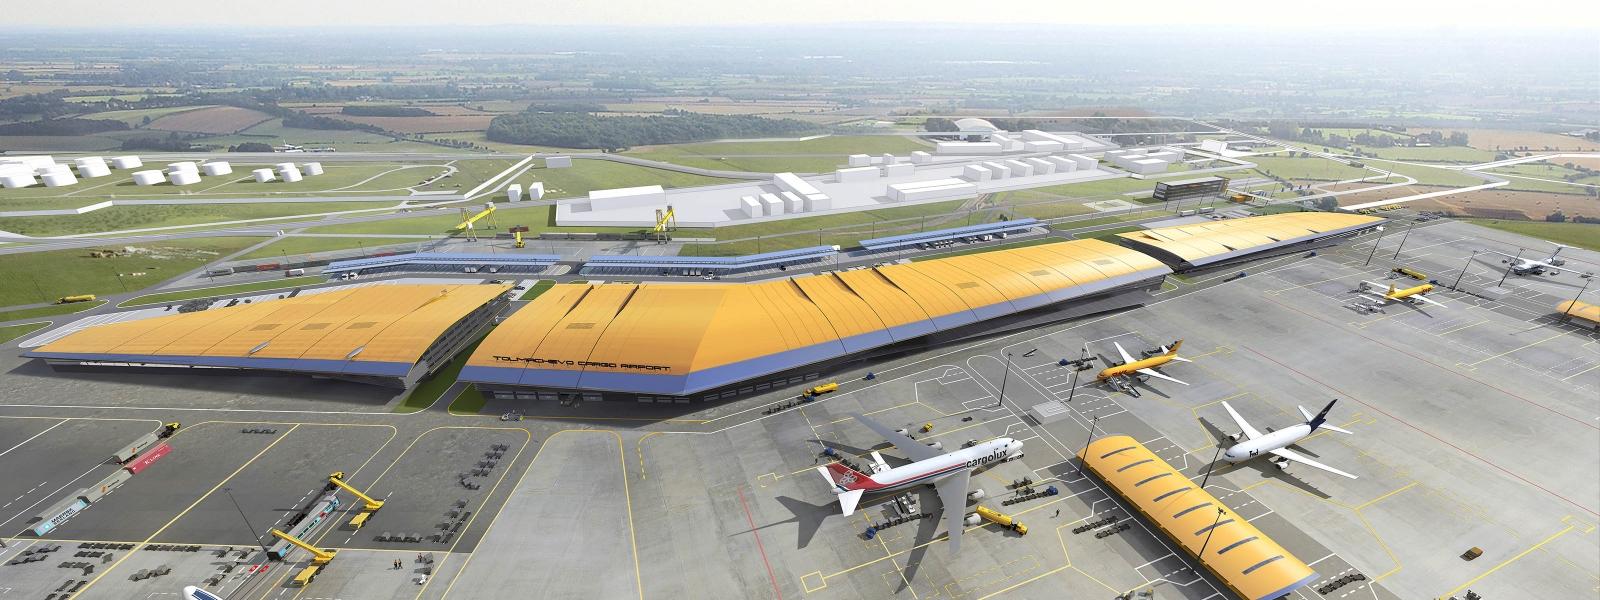 work-Грузовой авиатранспортный узел на базе аэропорта Толмачево